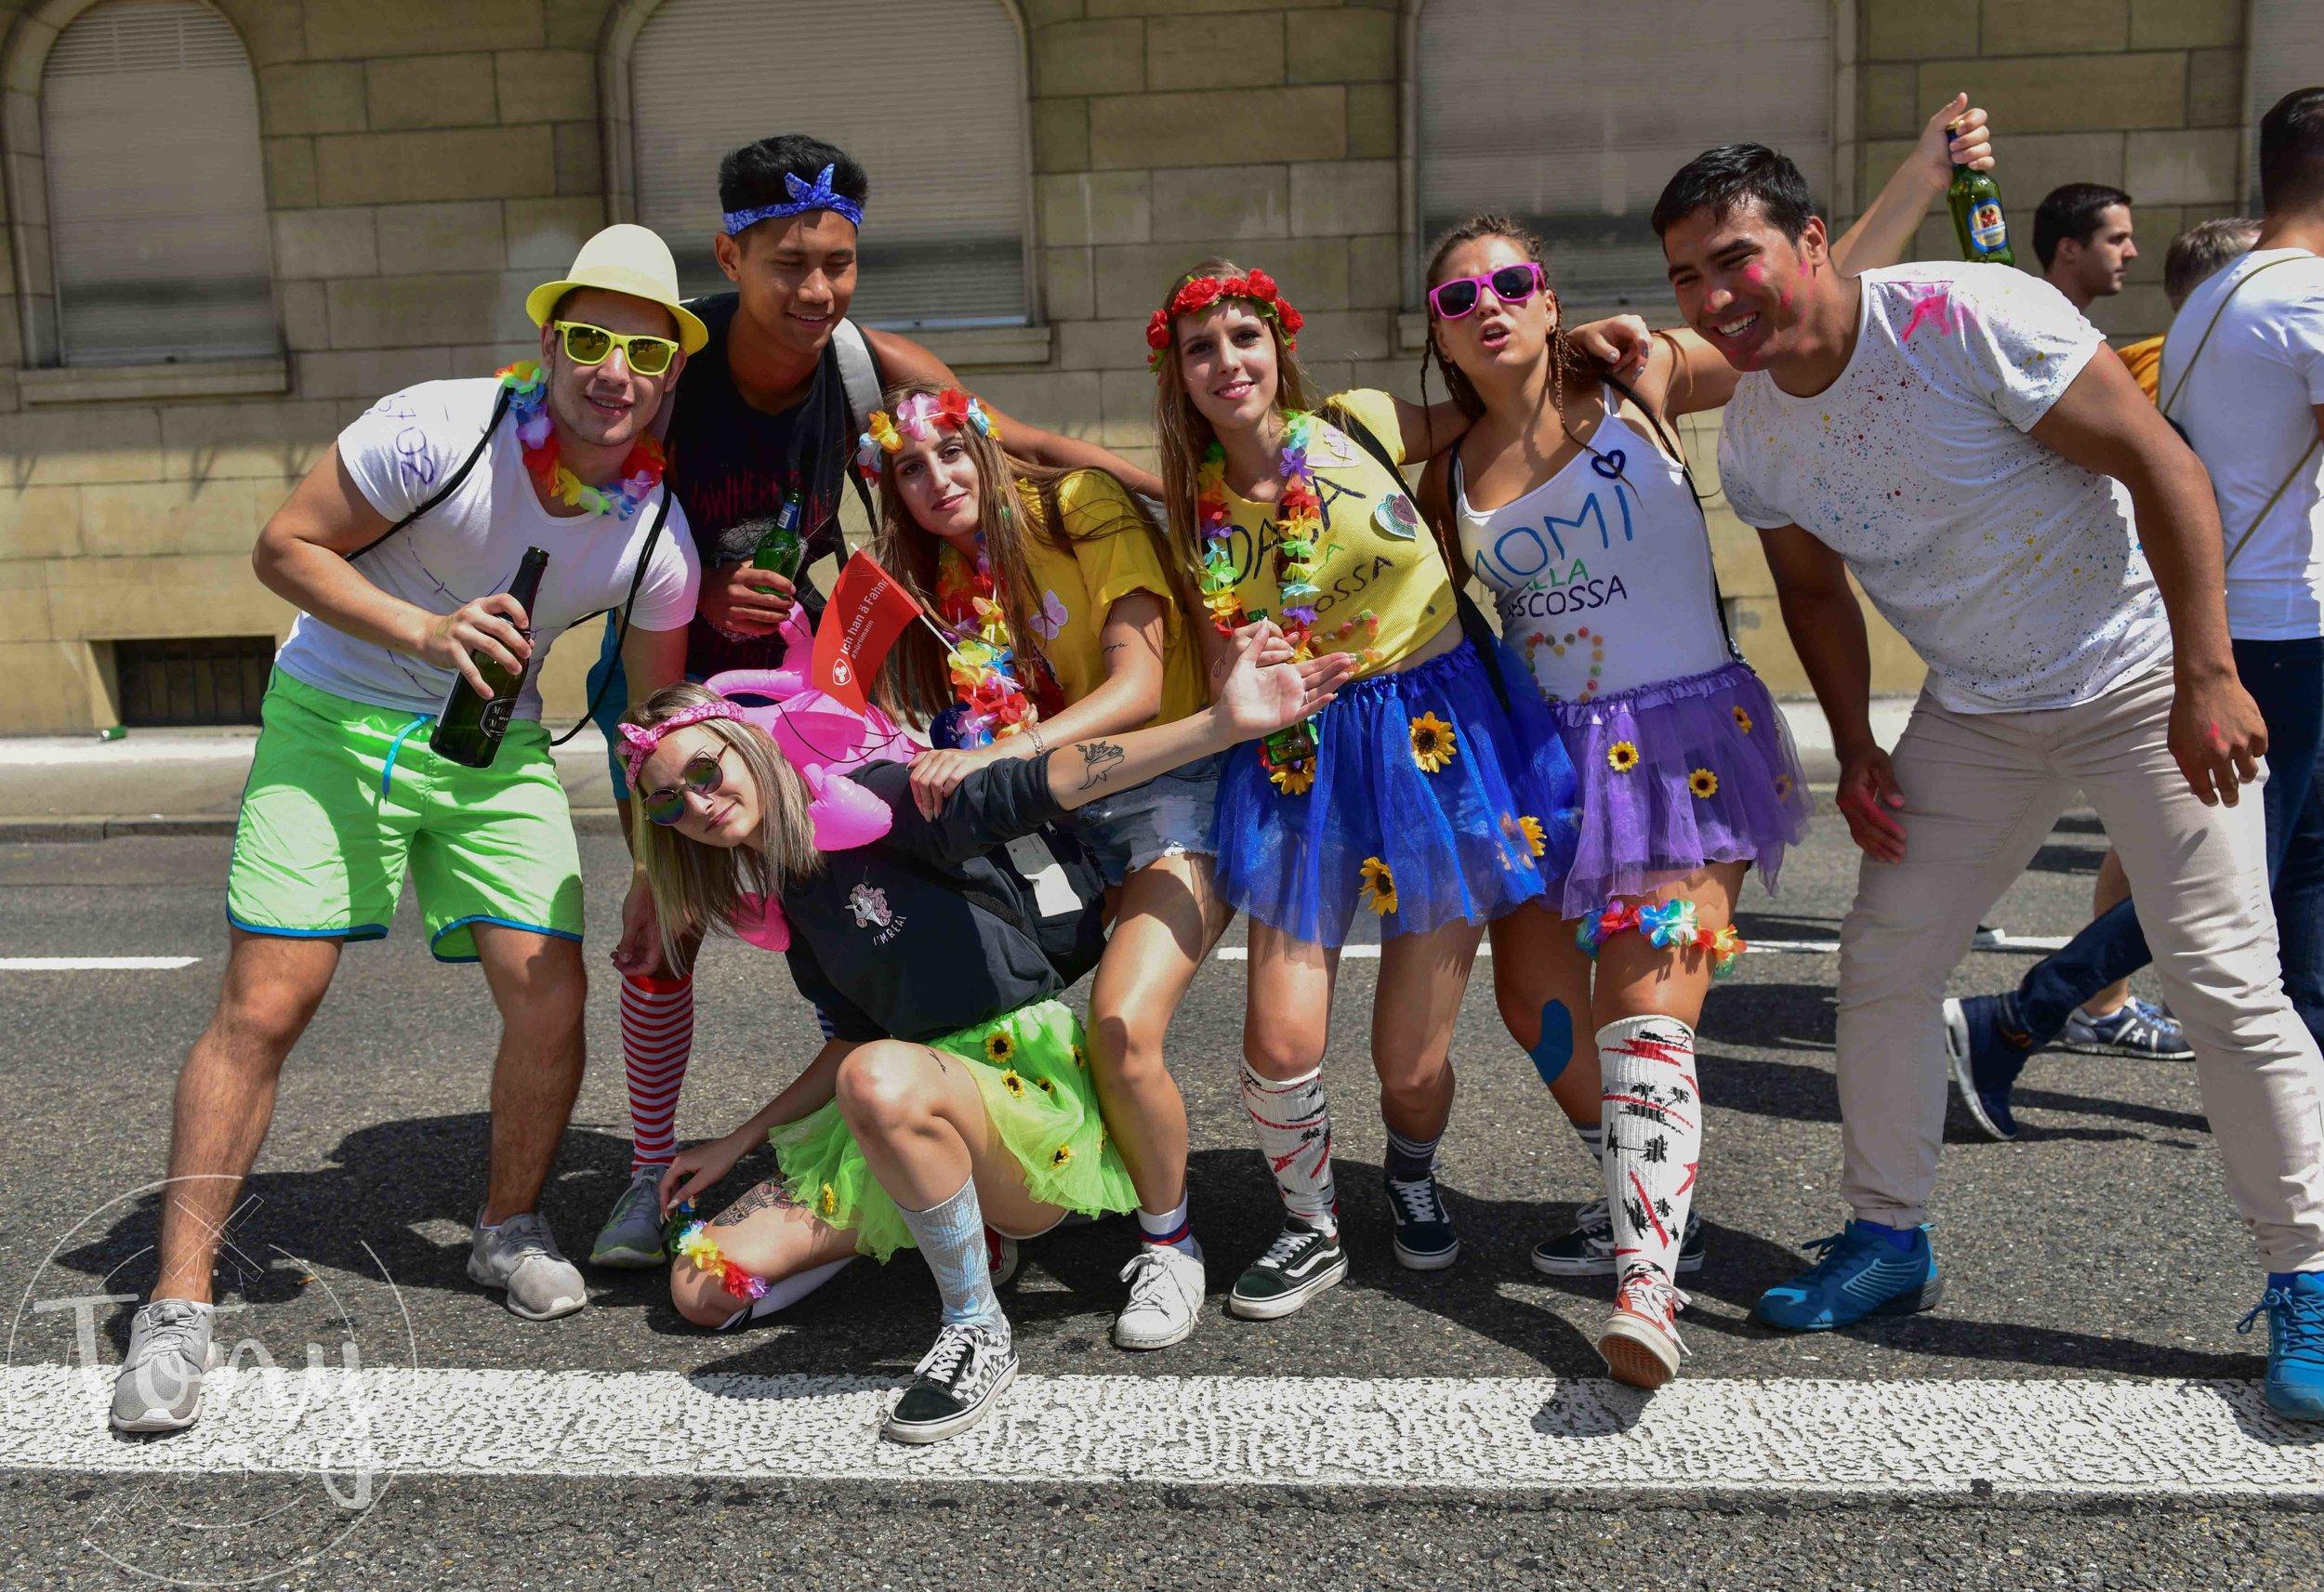 streetparade-37.jpg